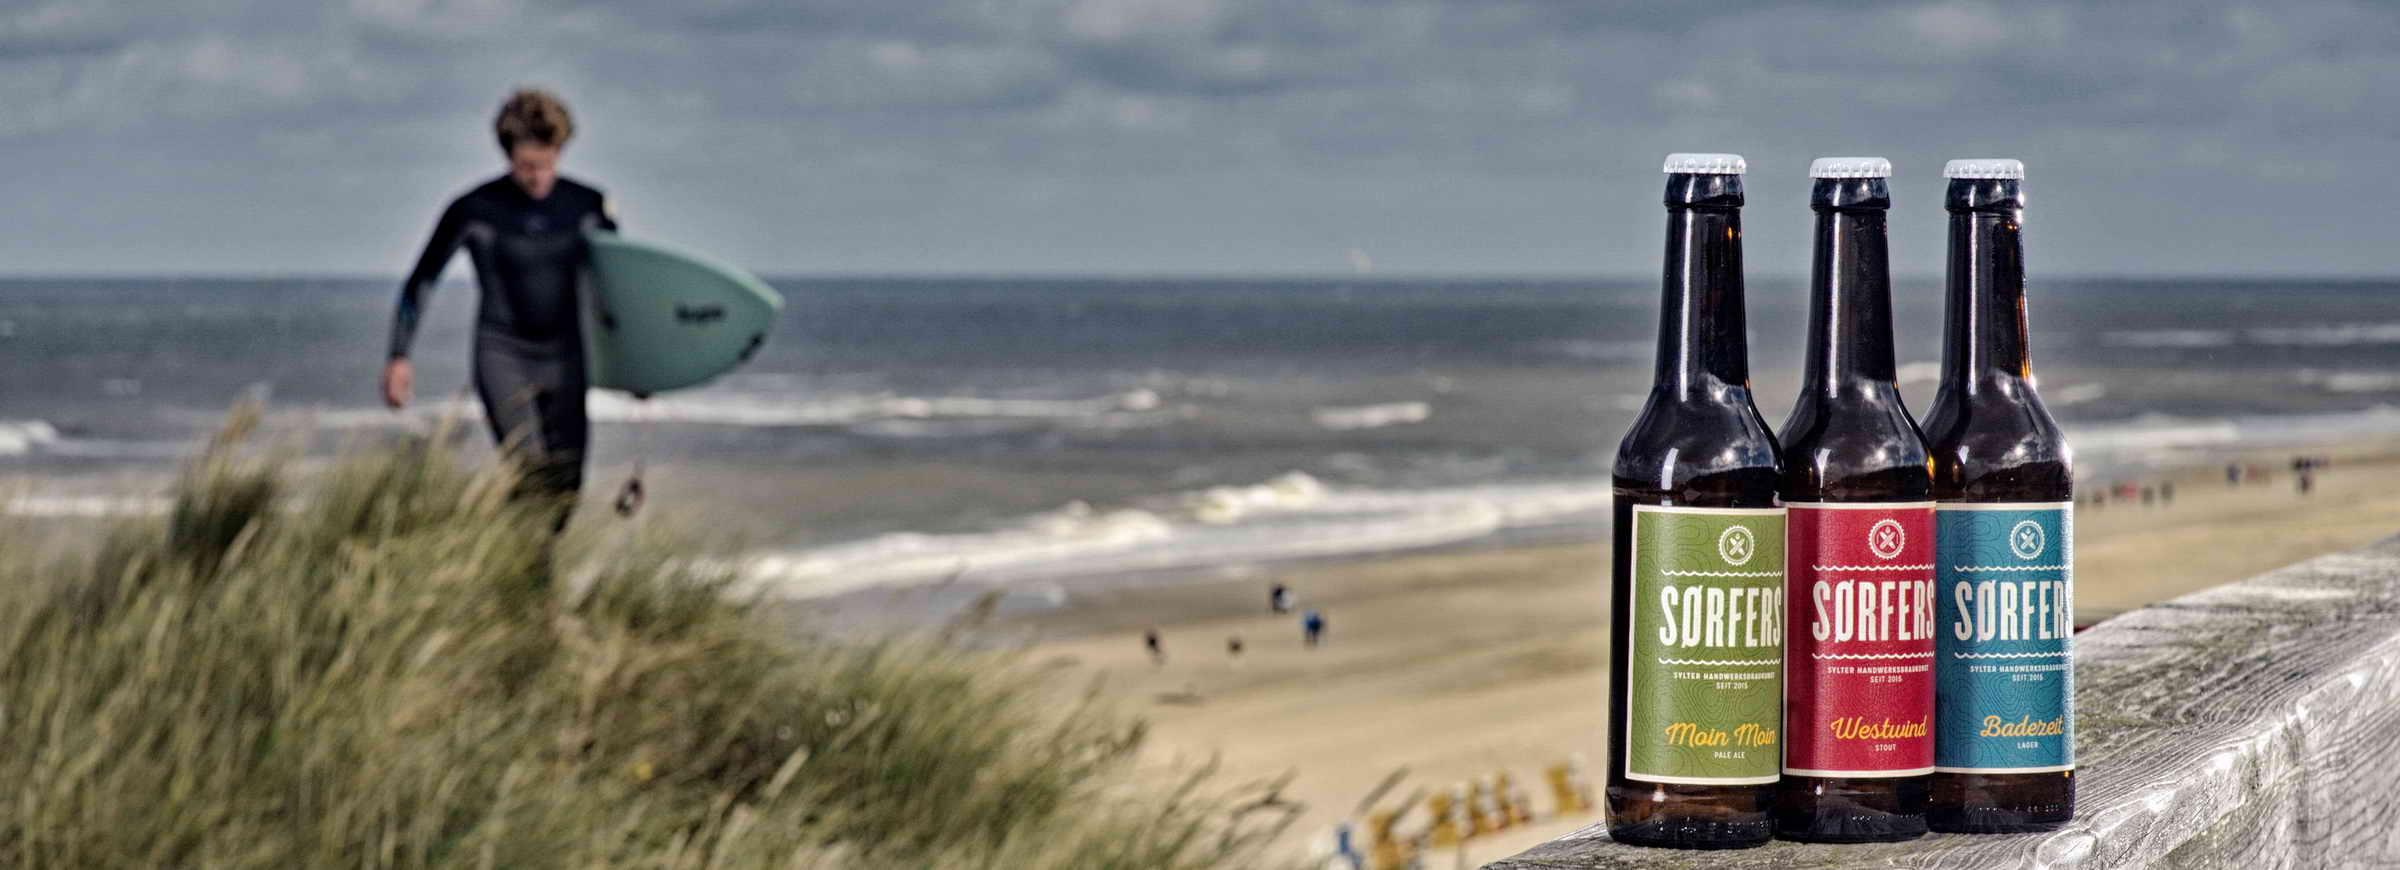 In Vordergrund auf dem Holzsteg-Gelände am Strand in Wenningstedt auf Sylt stehen drei Flaschen von SORFERS-Bier, in Hintergrund ist ein Surfer der gerade auf den Betrachter zu geht